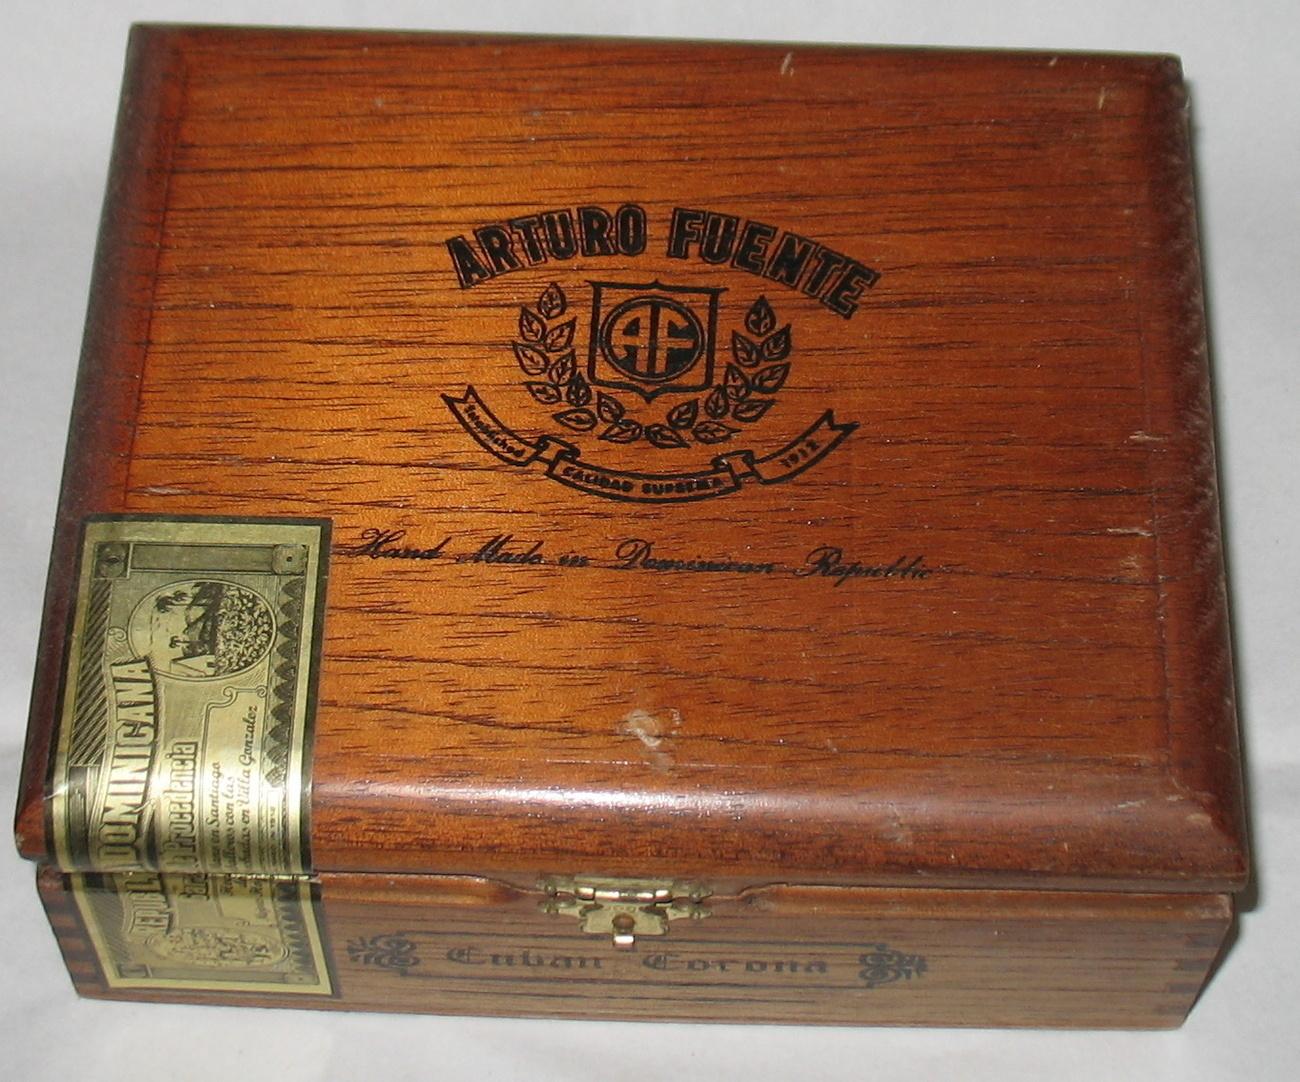 Arturo Fuente Cuban Corona Empty Wood Cigar Box Vintage